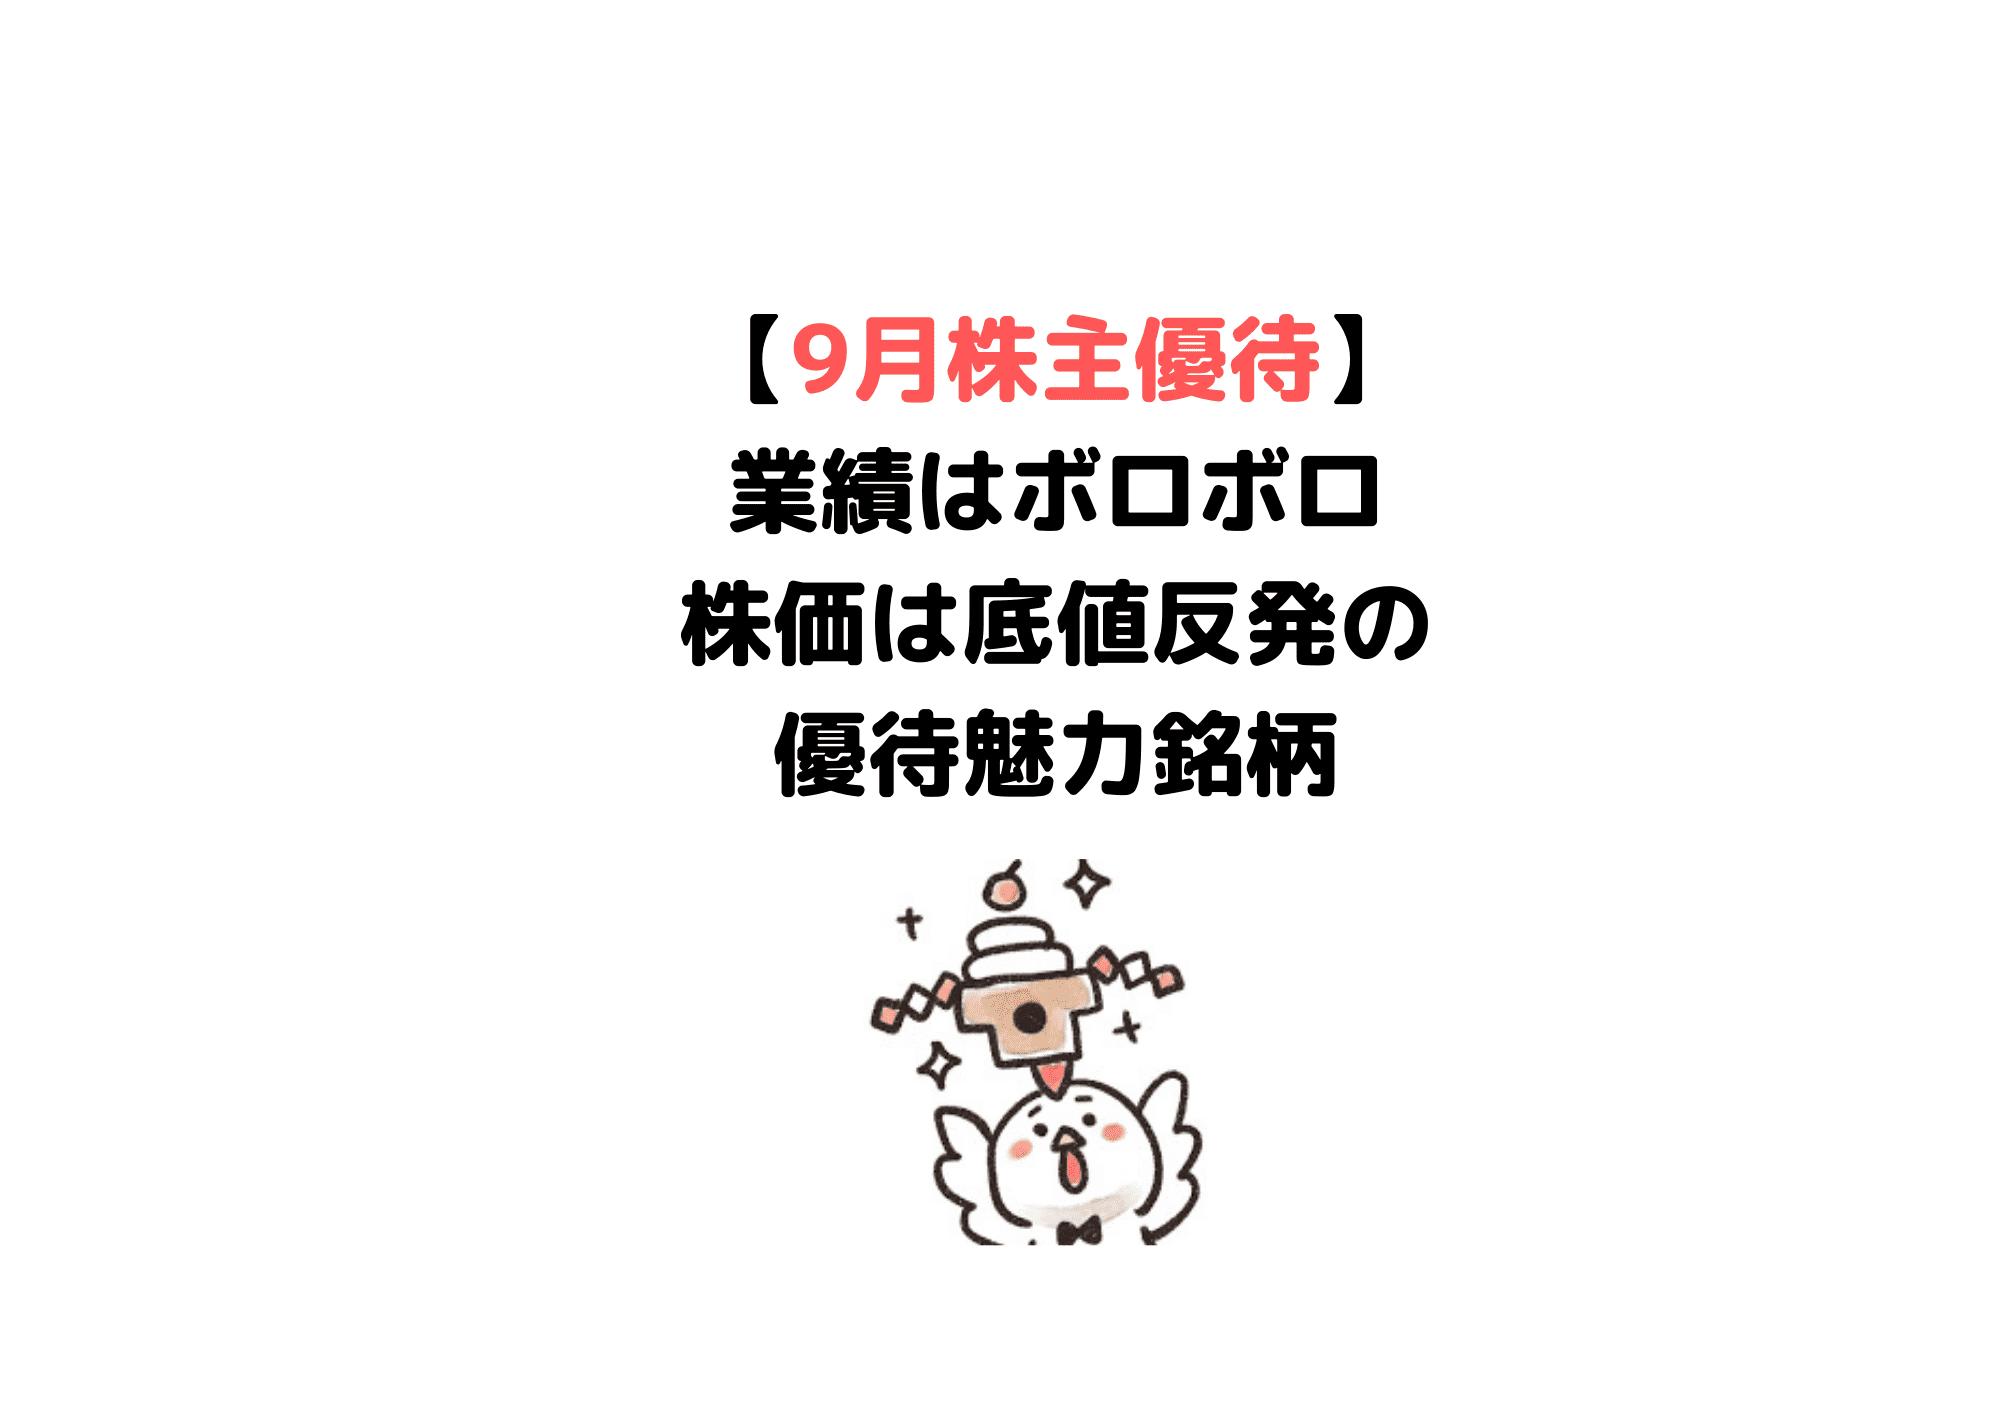 株主優待 9月